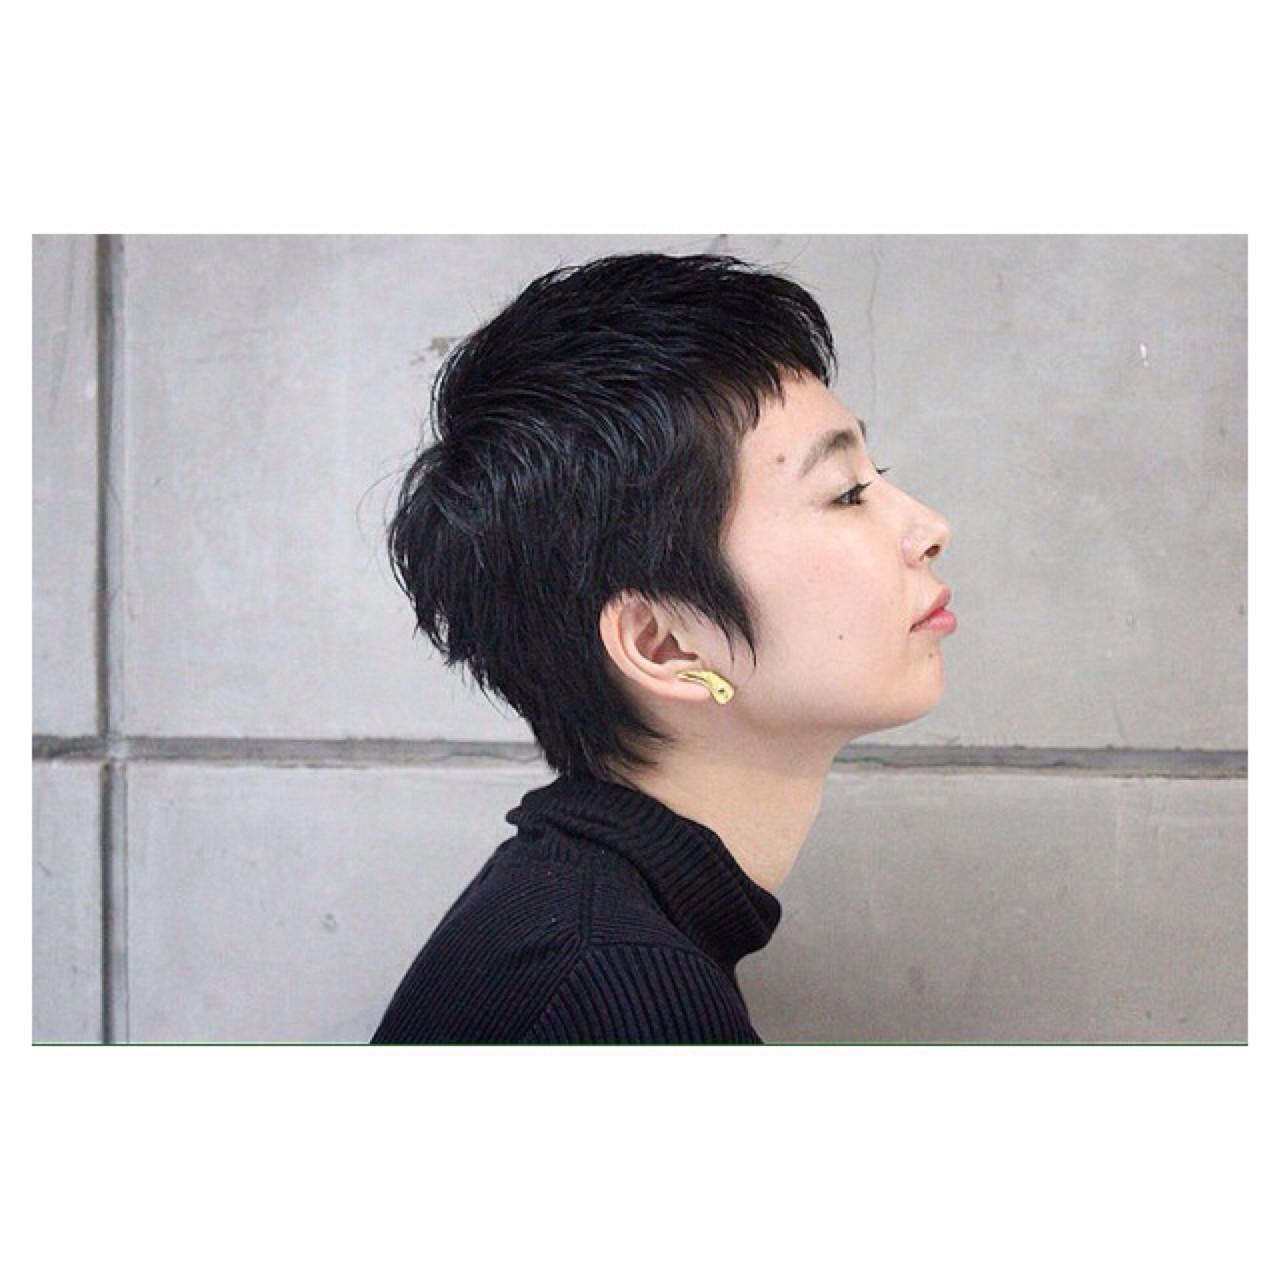 ナチュラル 黒髪 ショート 卵型 ヘアスタイルや髪型の写真・画像